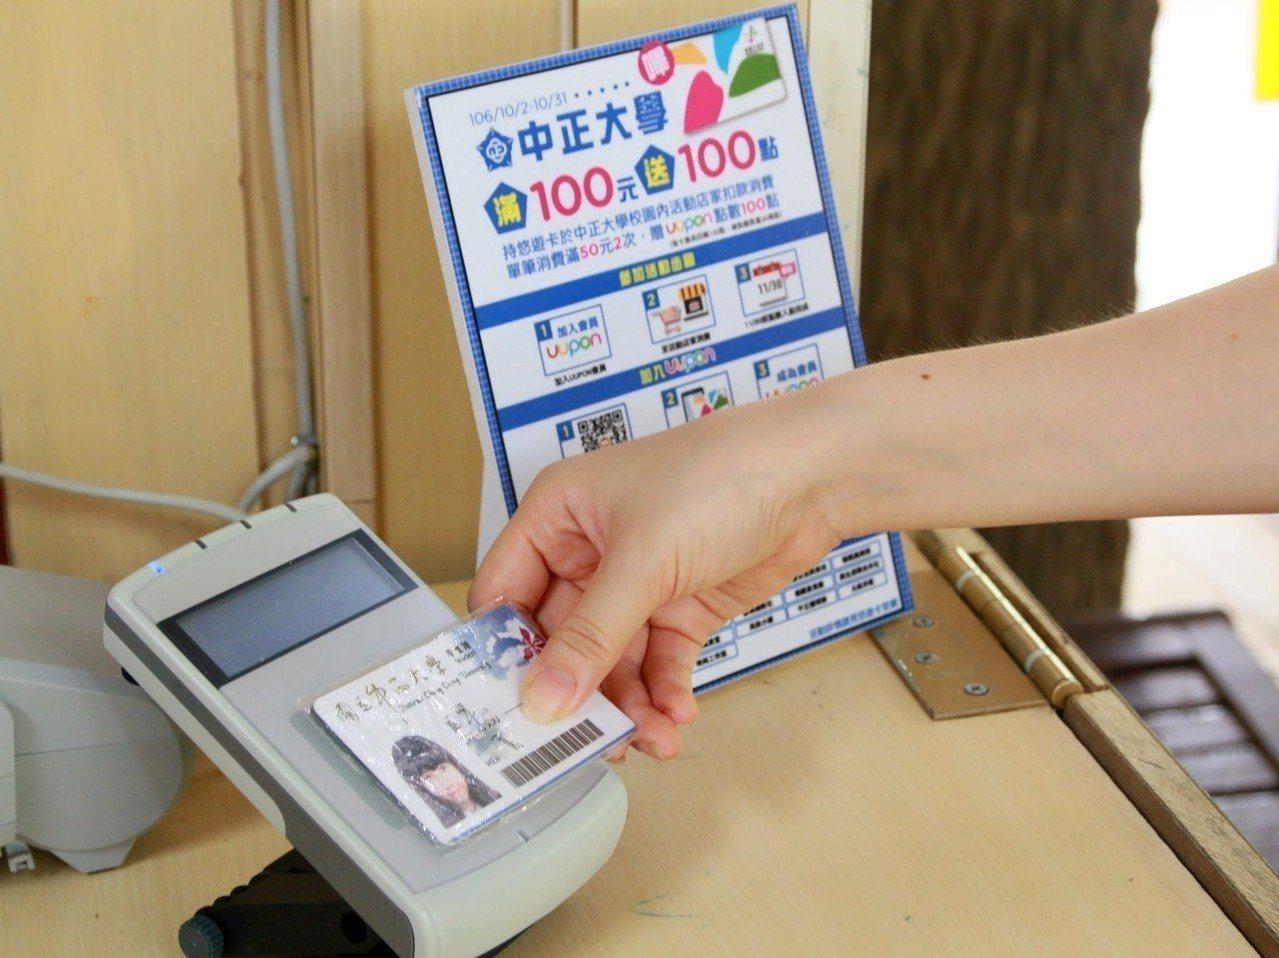 中正大學生在學校的各種消費付款,不再使用現金,全都靠學生證悠遊卡刷卡繳費。記者謝...